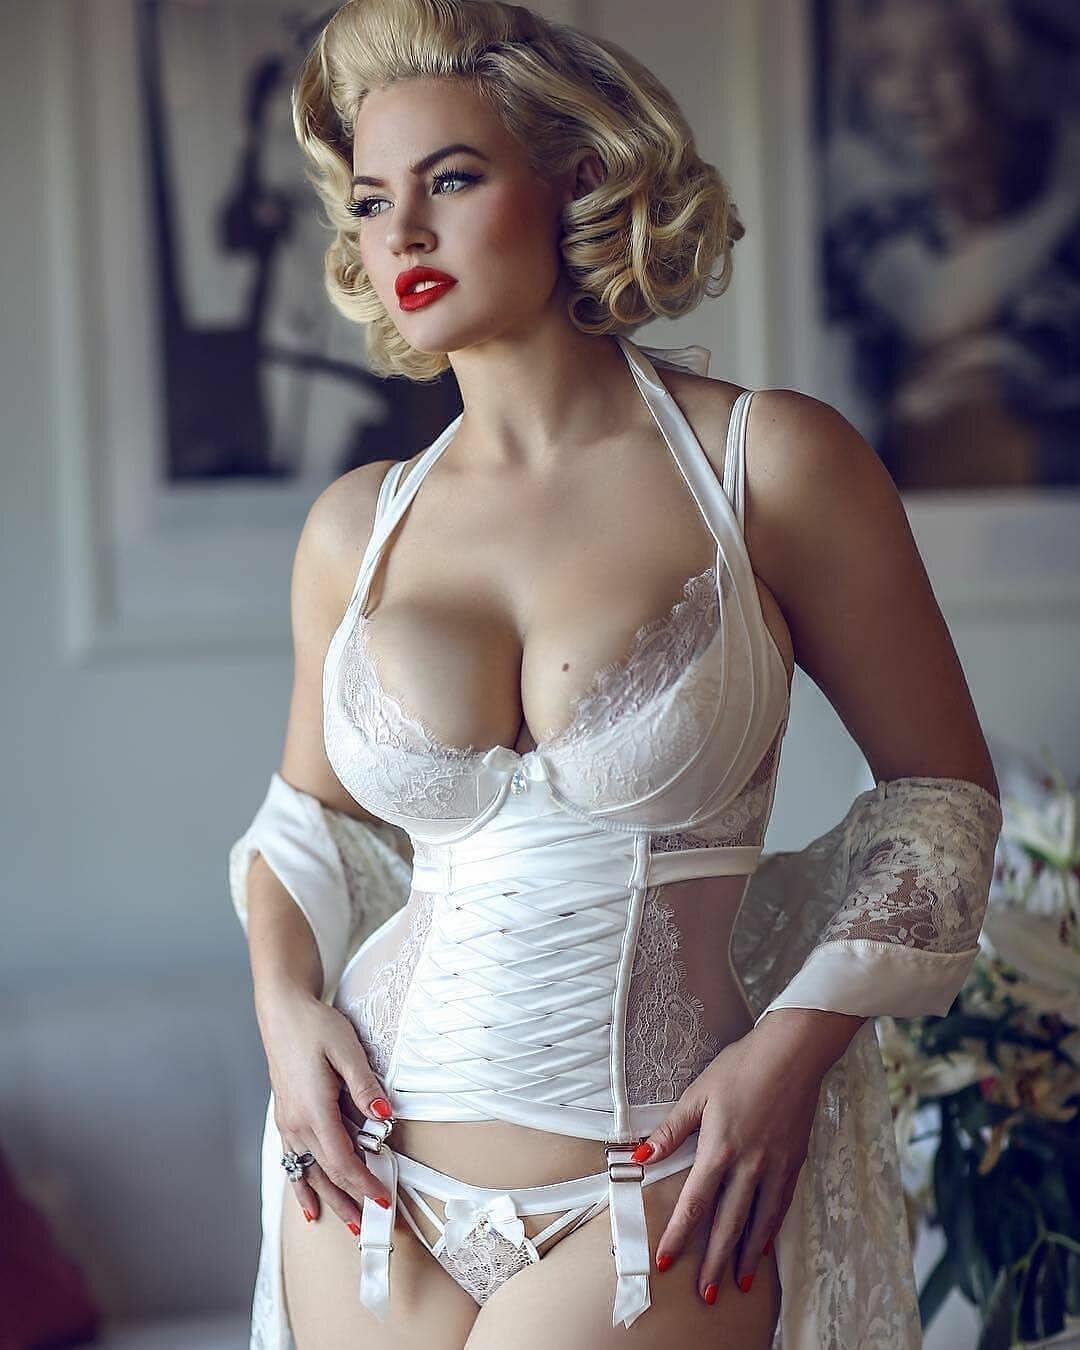 Фильм бердникова ретро фото красивая голая в нижнем белье между